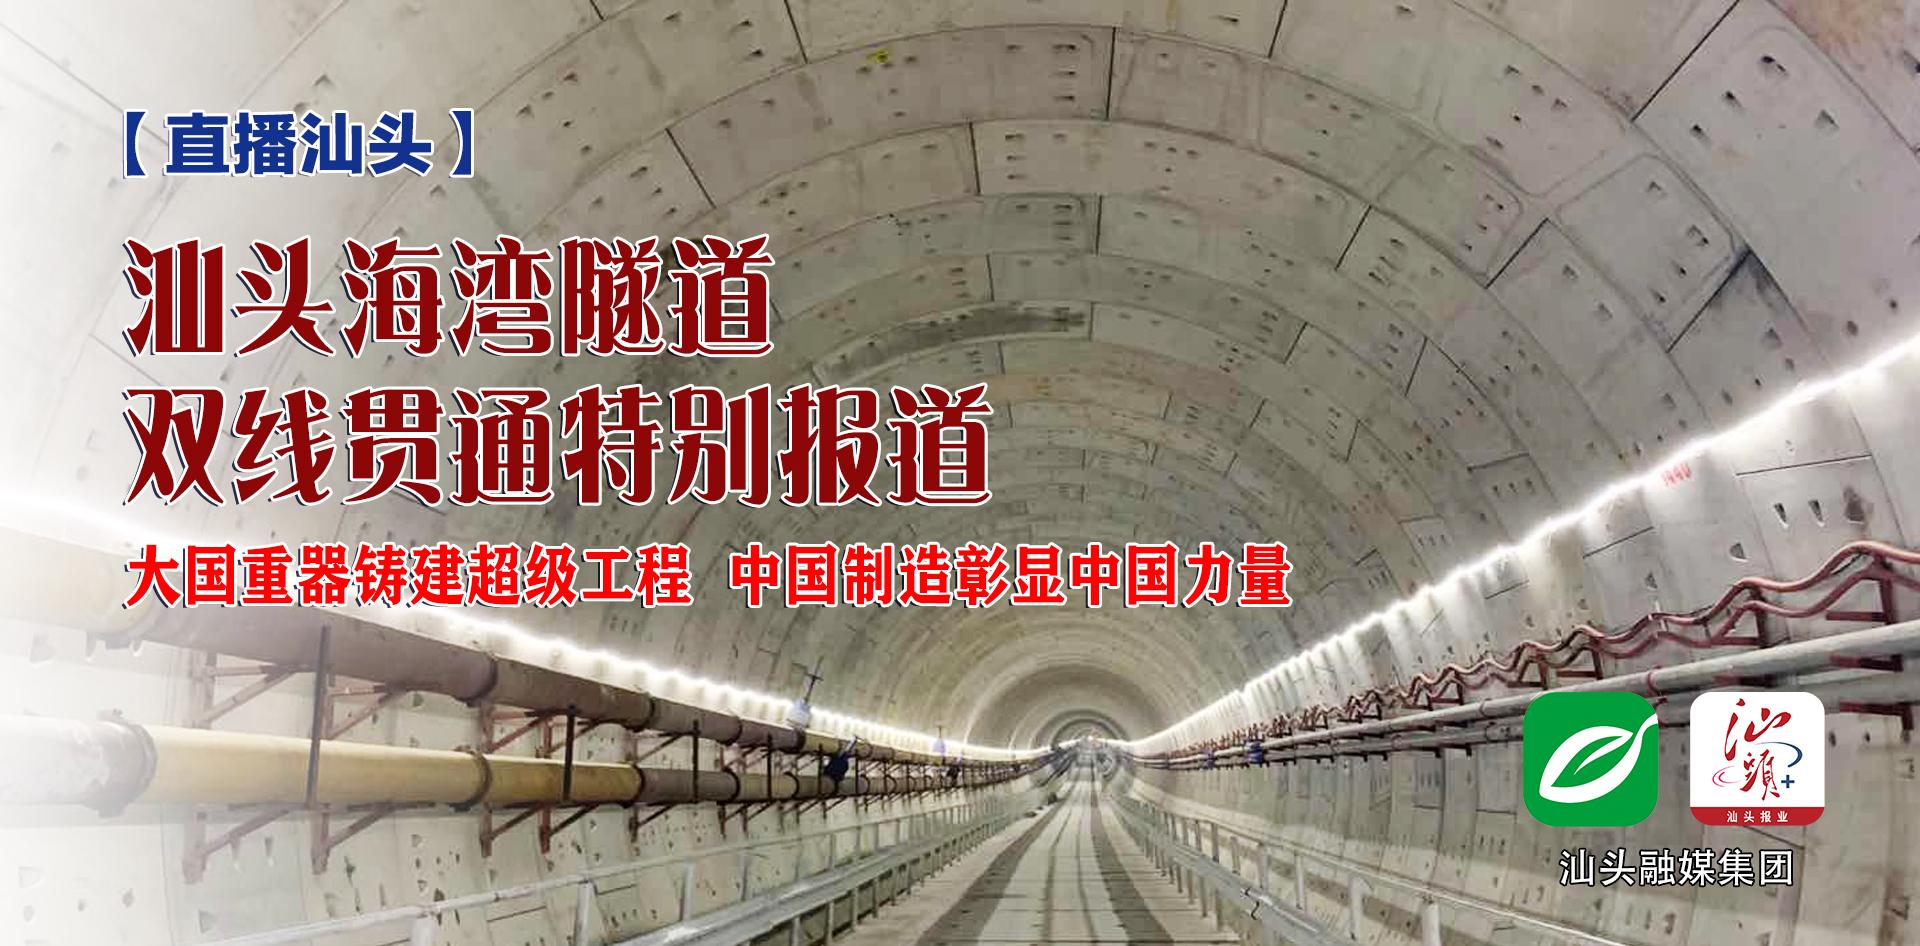 【直播汕头】汕头海湾隧道双线全面贯通特别报道